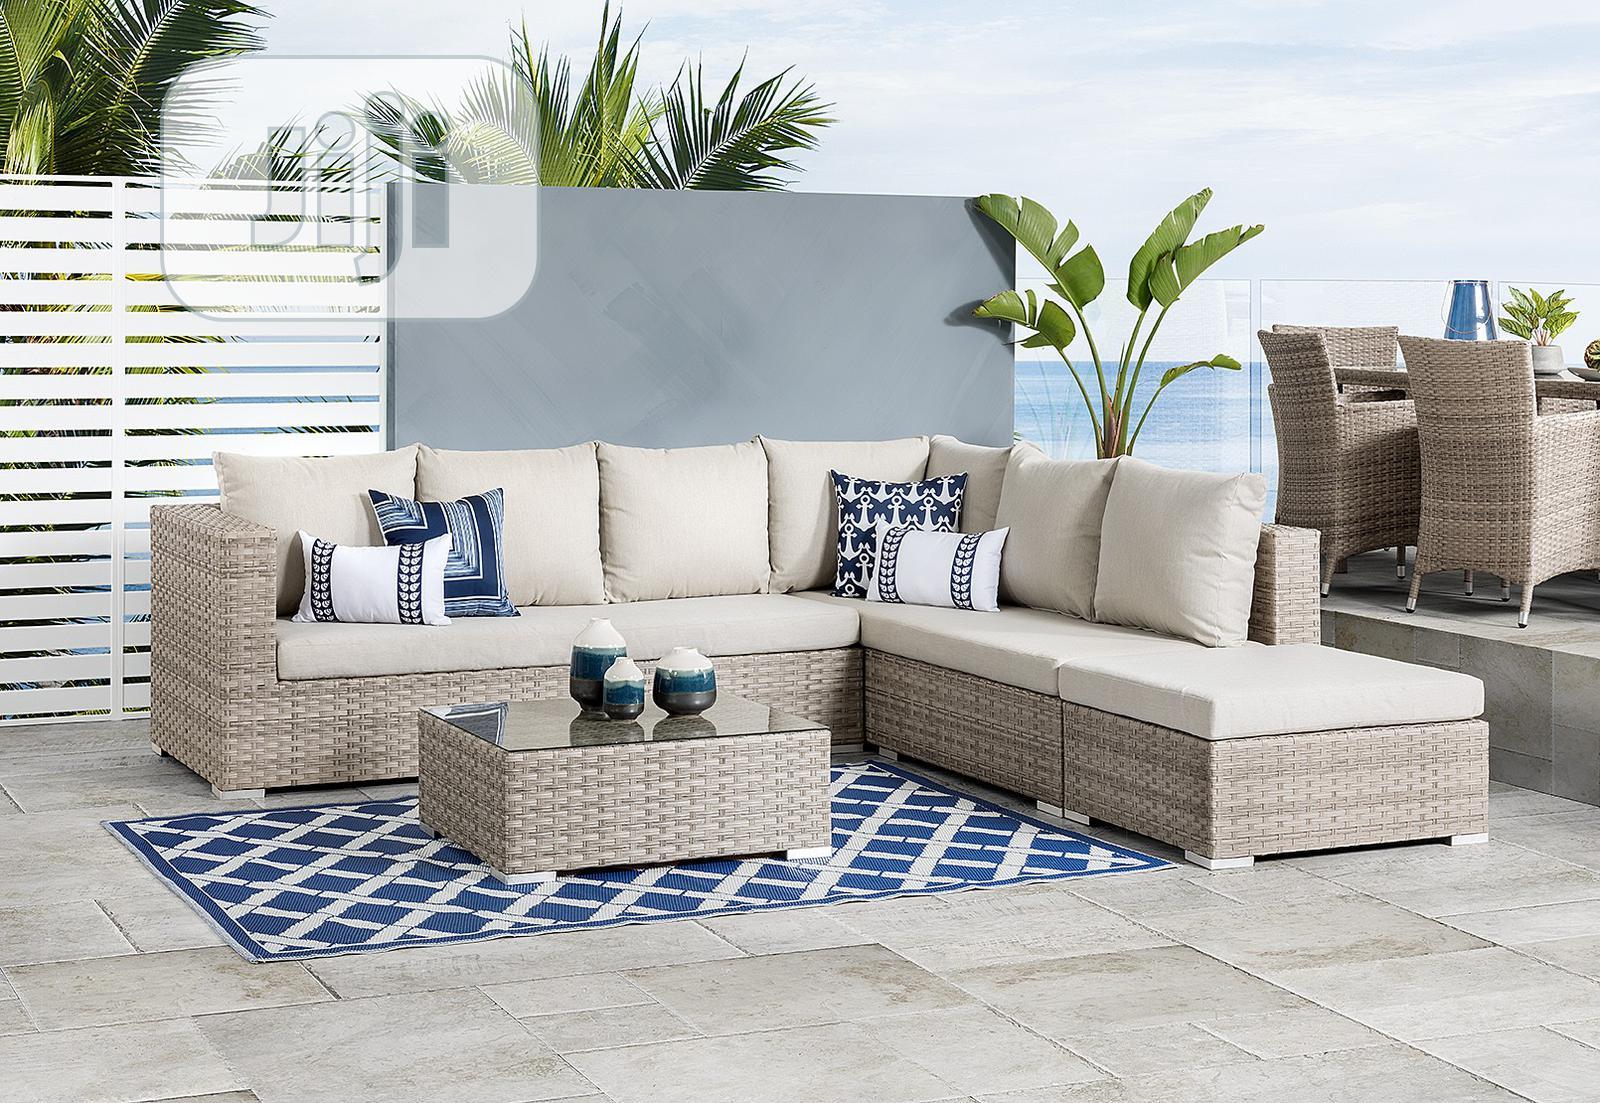 Exquisite Outdoor/Indoor Rattan Modular Sofa Furniture Unit